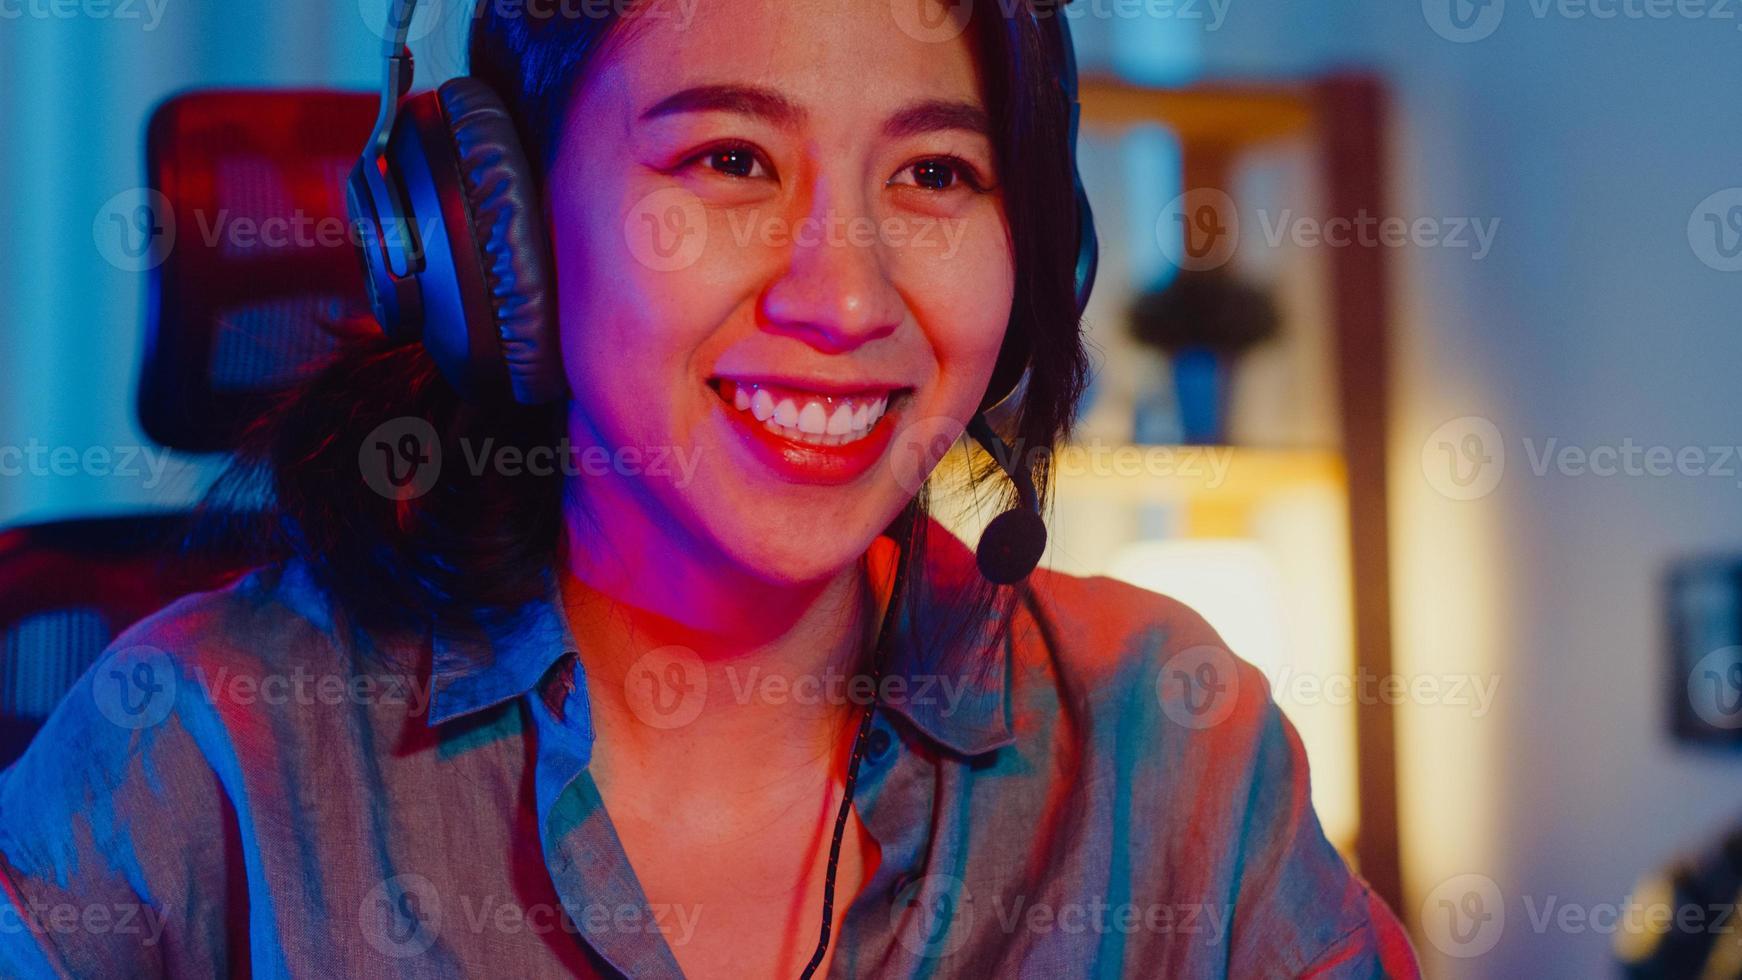 glad asien professionell tjejspelare ha på sig hörlurar spela videospel färgglada neonljusdatorer i vardagsrummet hemma. esport -strömmande spel online, hemmakarantänaktivitetskoncept. foto